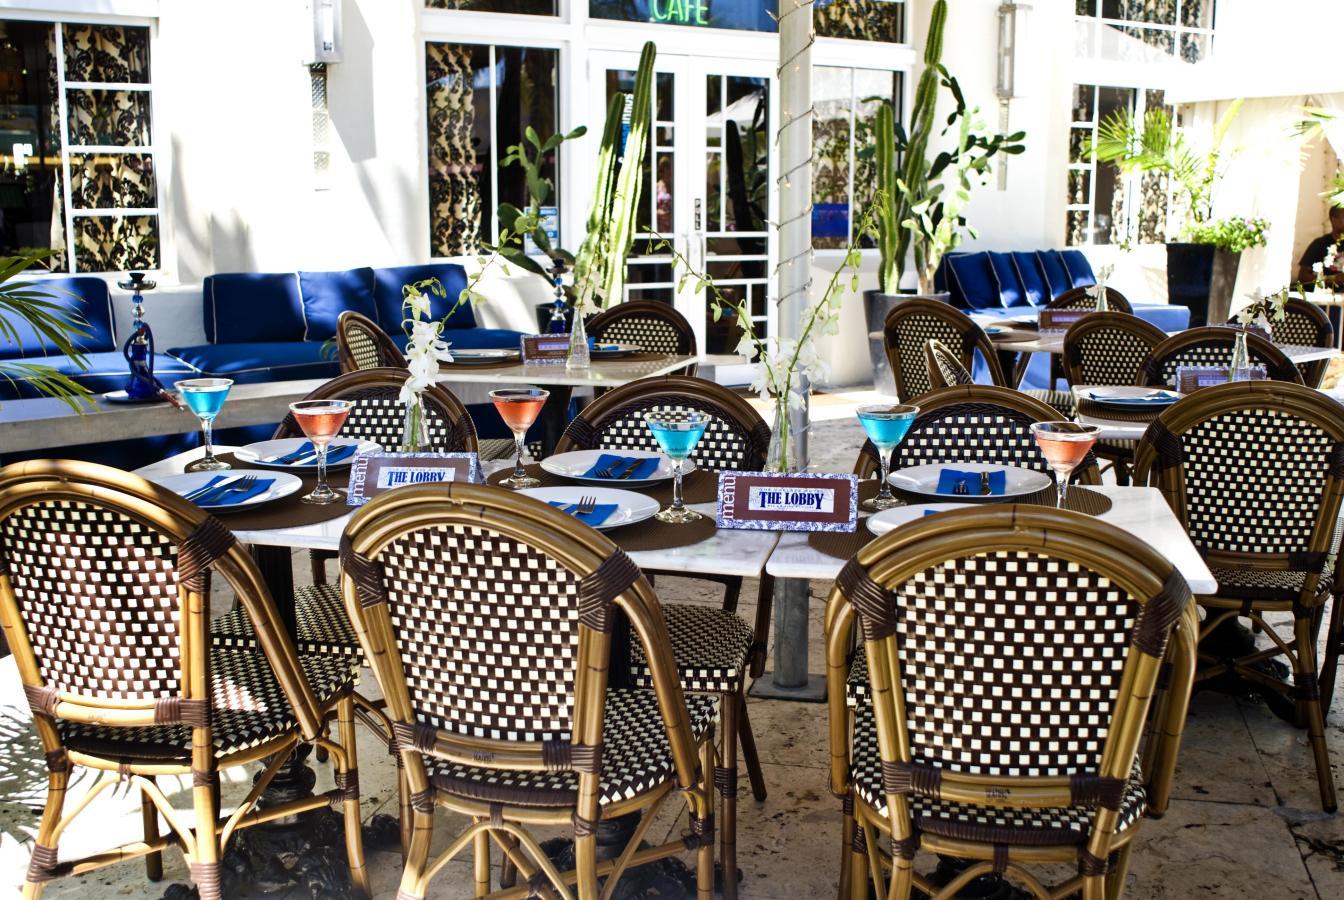 Hotel Chelsea Terrace